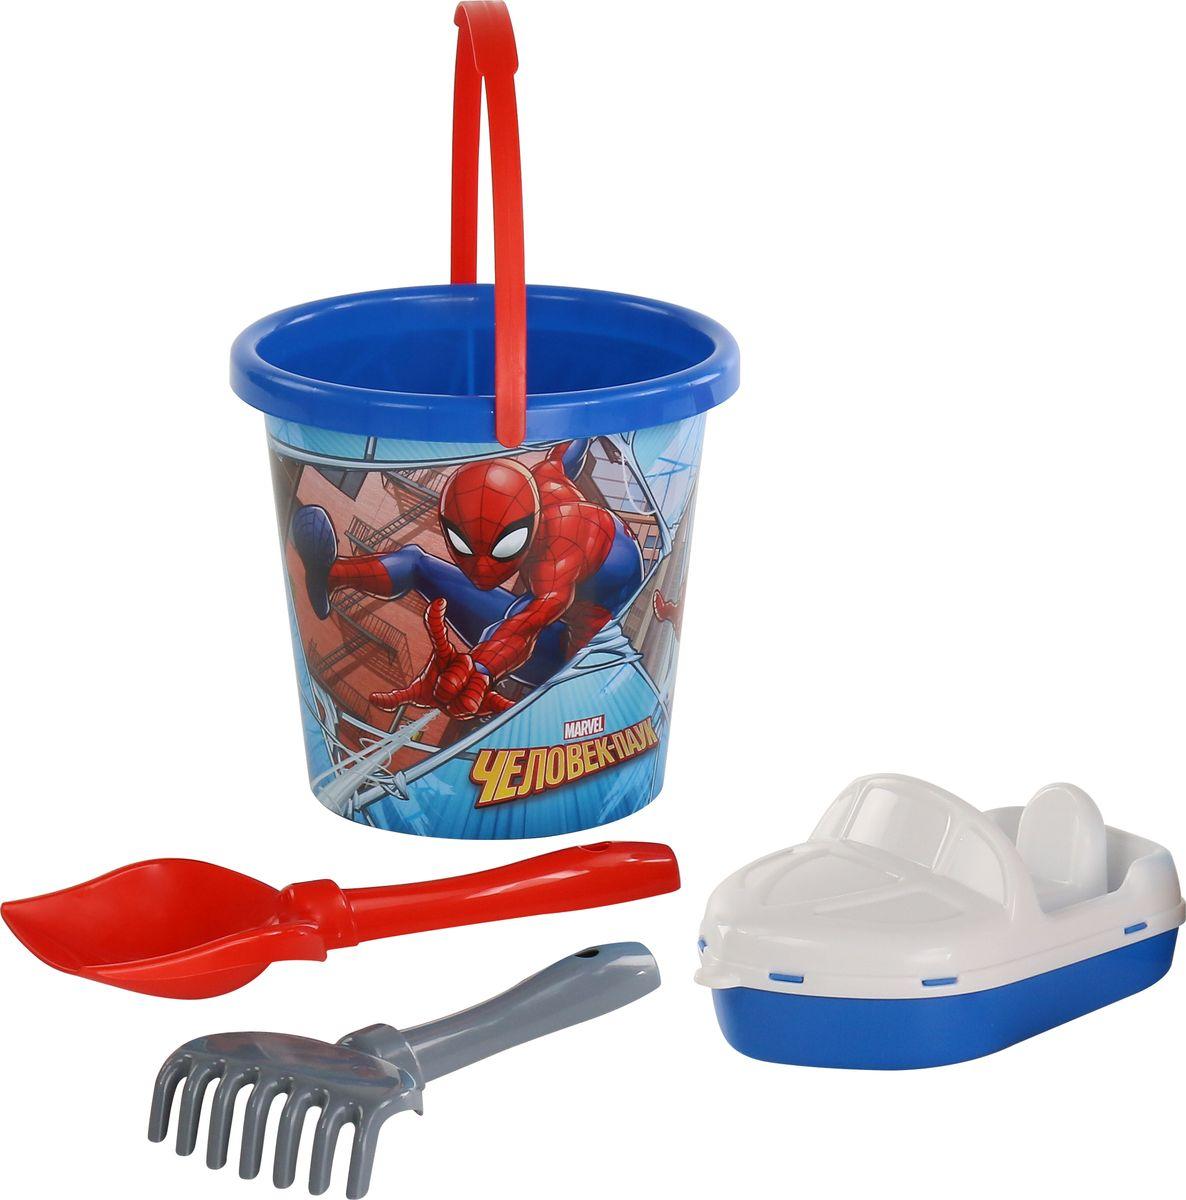 Marvel Набор игрушек для песочницы Набор Marvel Человек-Паук №10 marvel набор игрушек для песочницы софия прекрасная 1